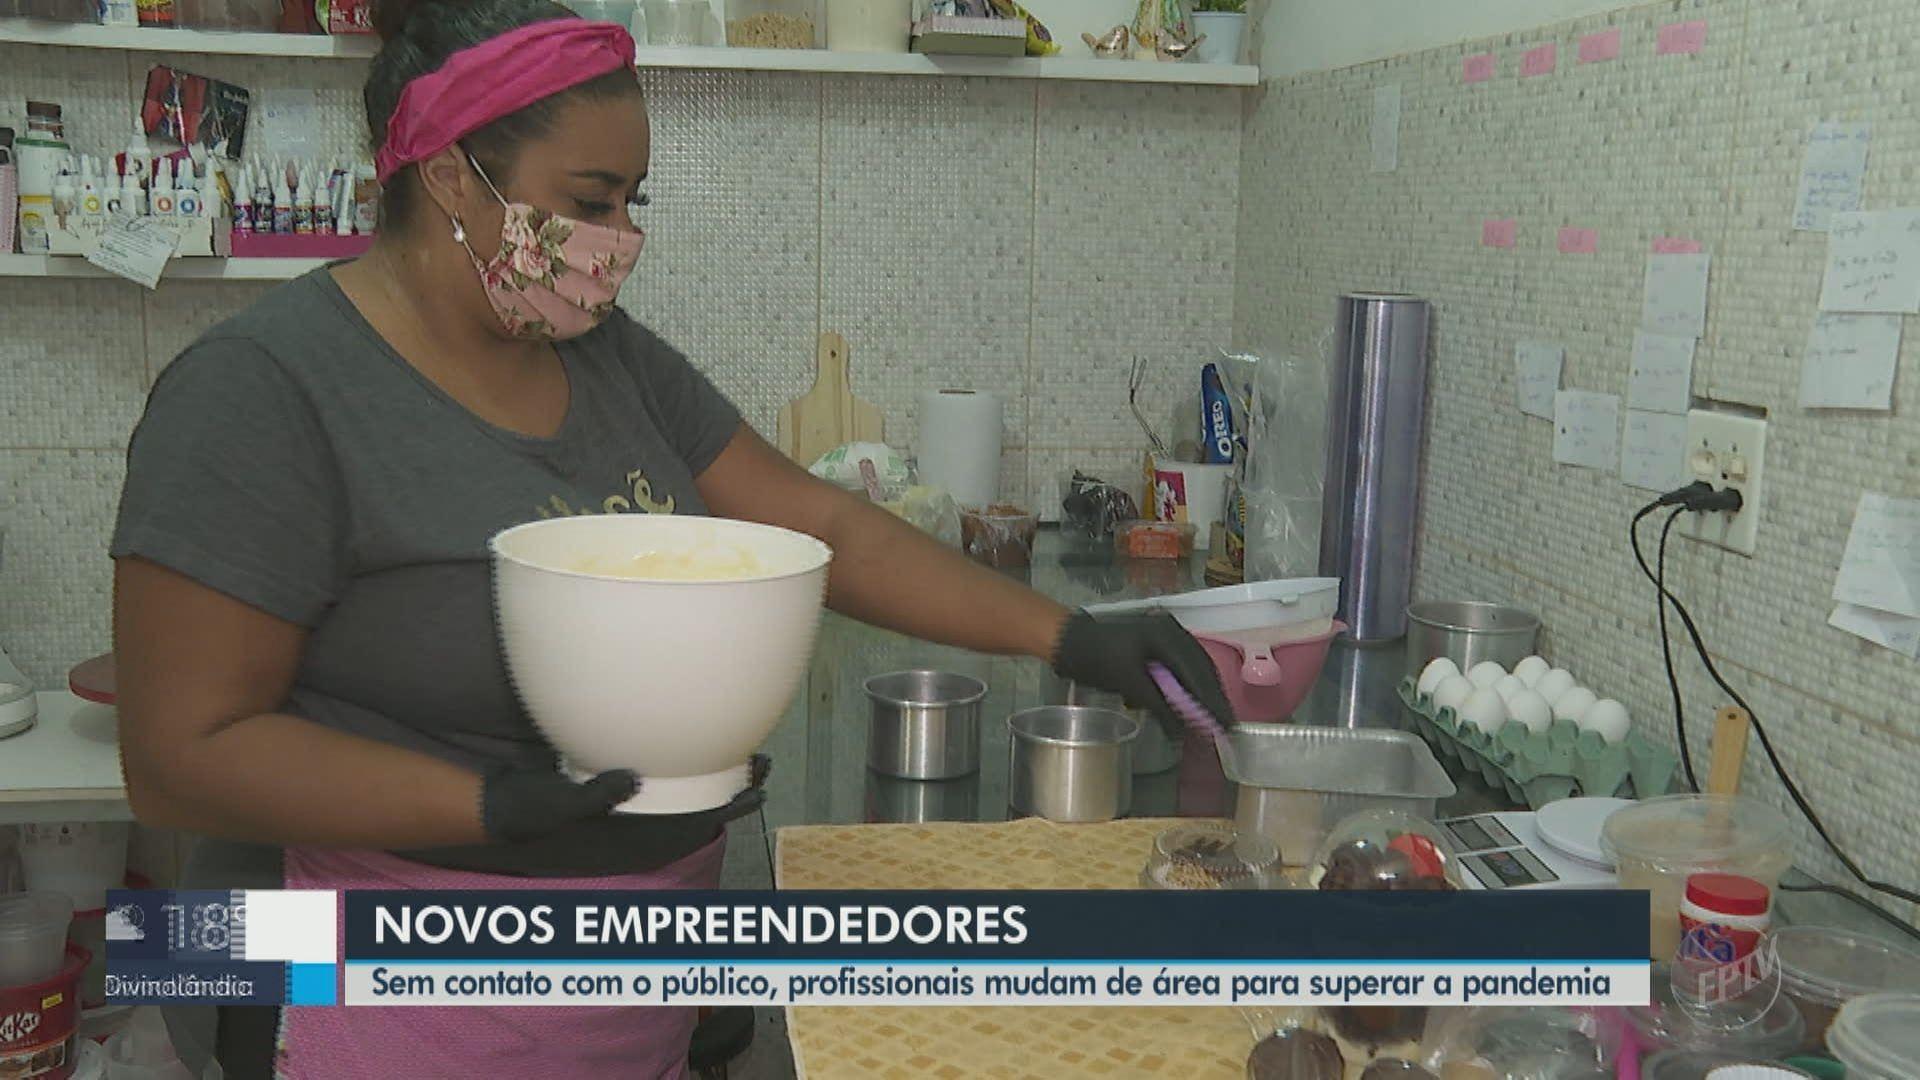 VÍDEOS: Reveja as reportagens do EPTV2 desta terça-feira, 5 de maio